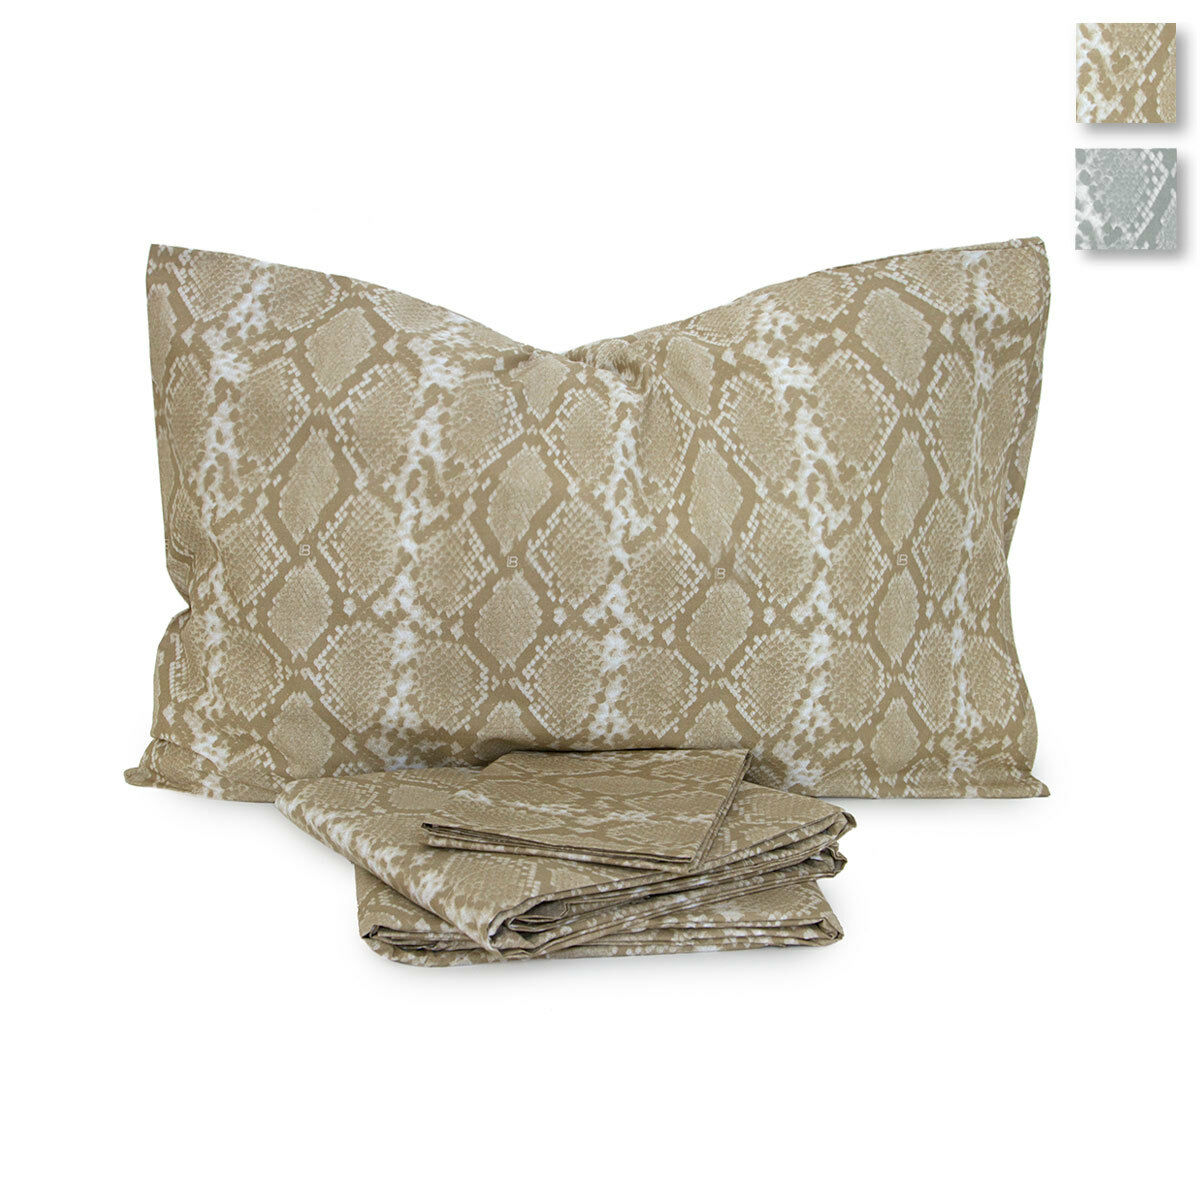 Completo lenzuola in percalle Clizia di Laura Biagiotti Matrimoniale maxi R559